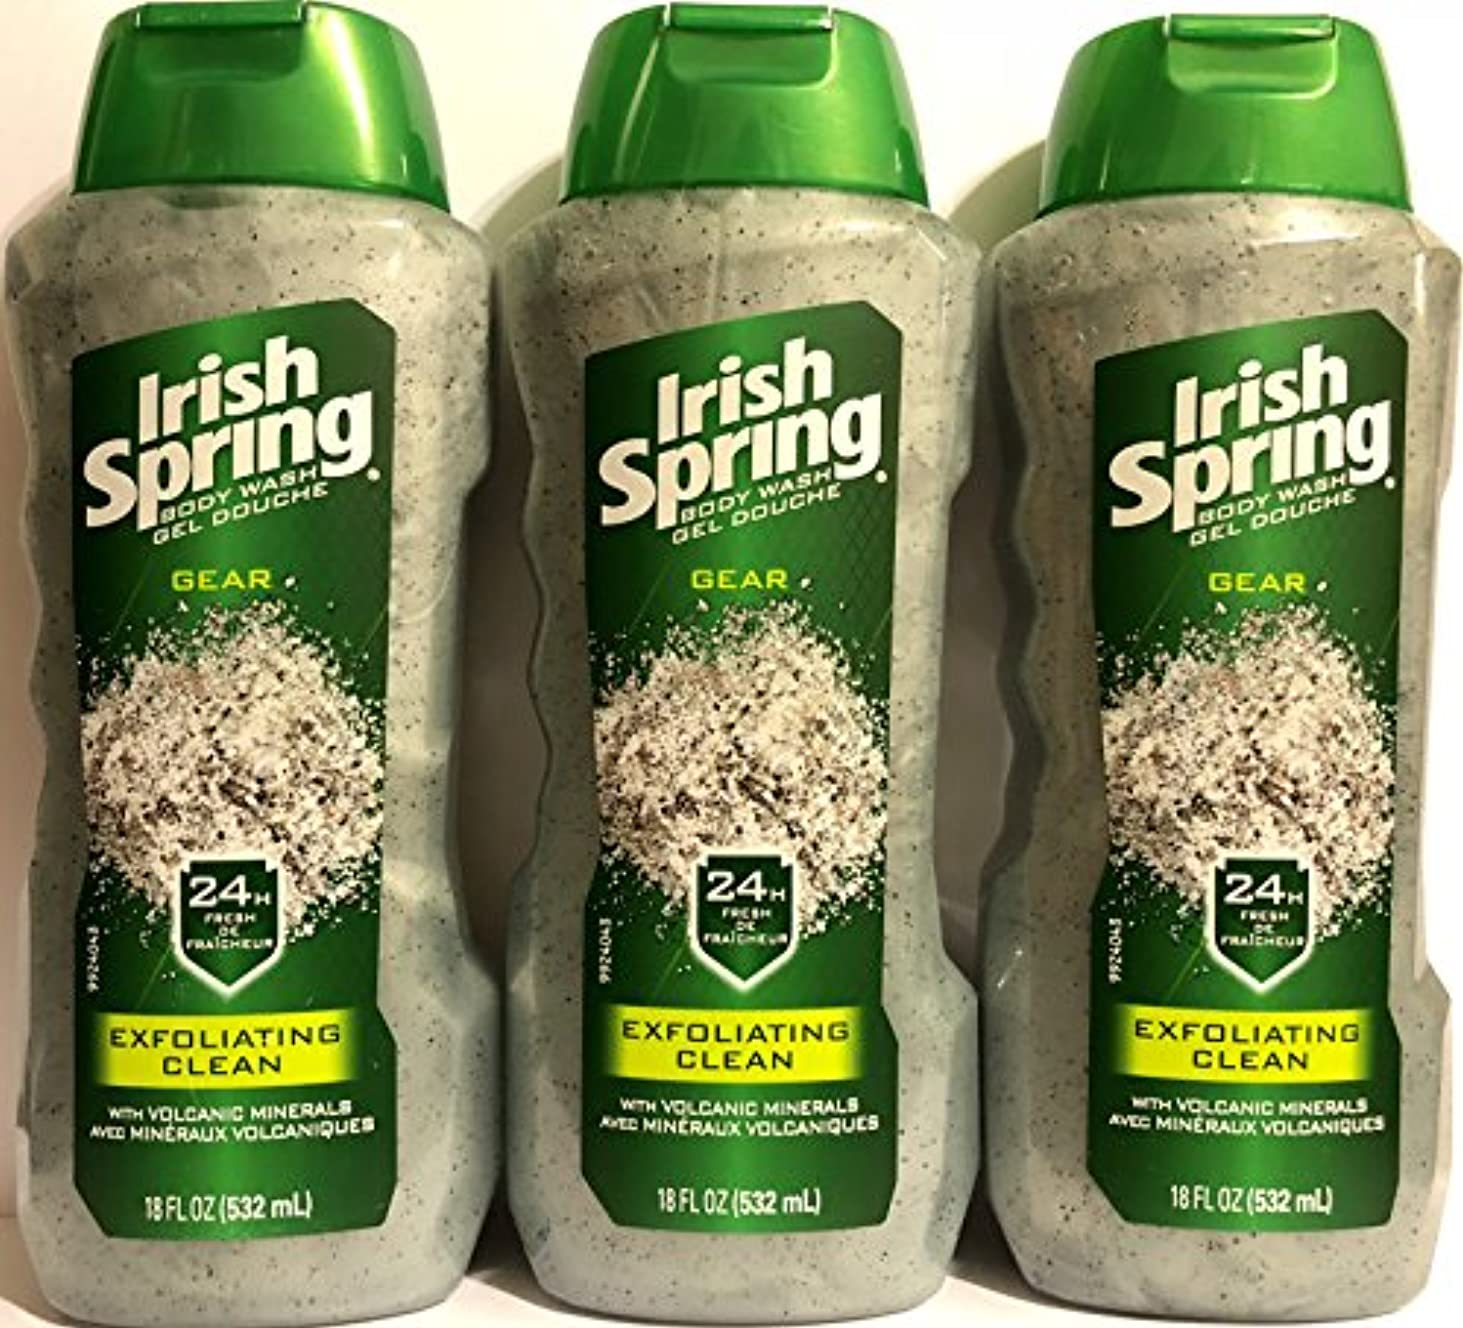 ロシア私のマウスIrish Spring ギアボディウォッシュ - エクスフォリエイティングクリーン - 火山ミネラルを - ネット重量。ボトルパー18液量オンス(532 ml)を - 3本のボトルのパック